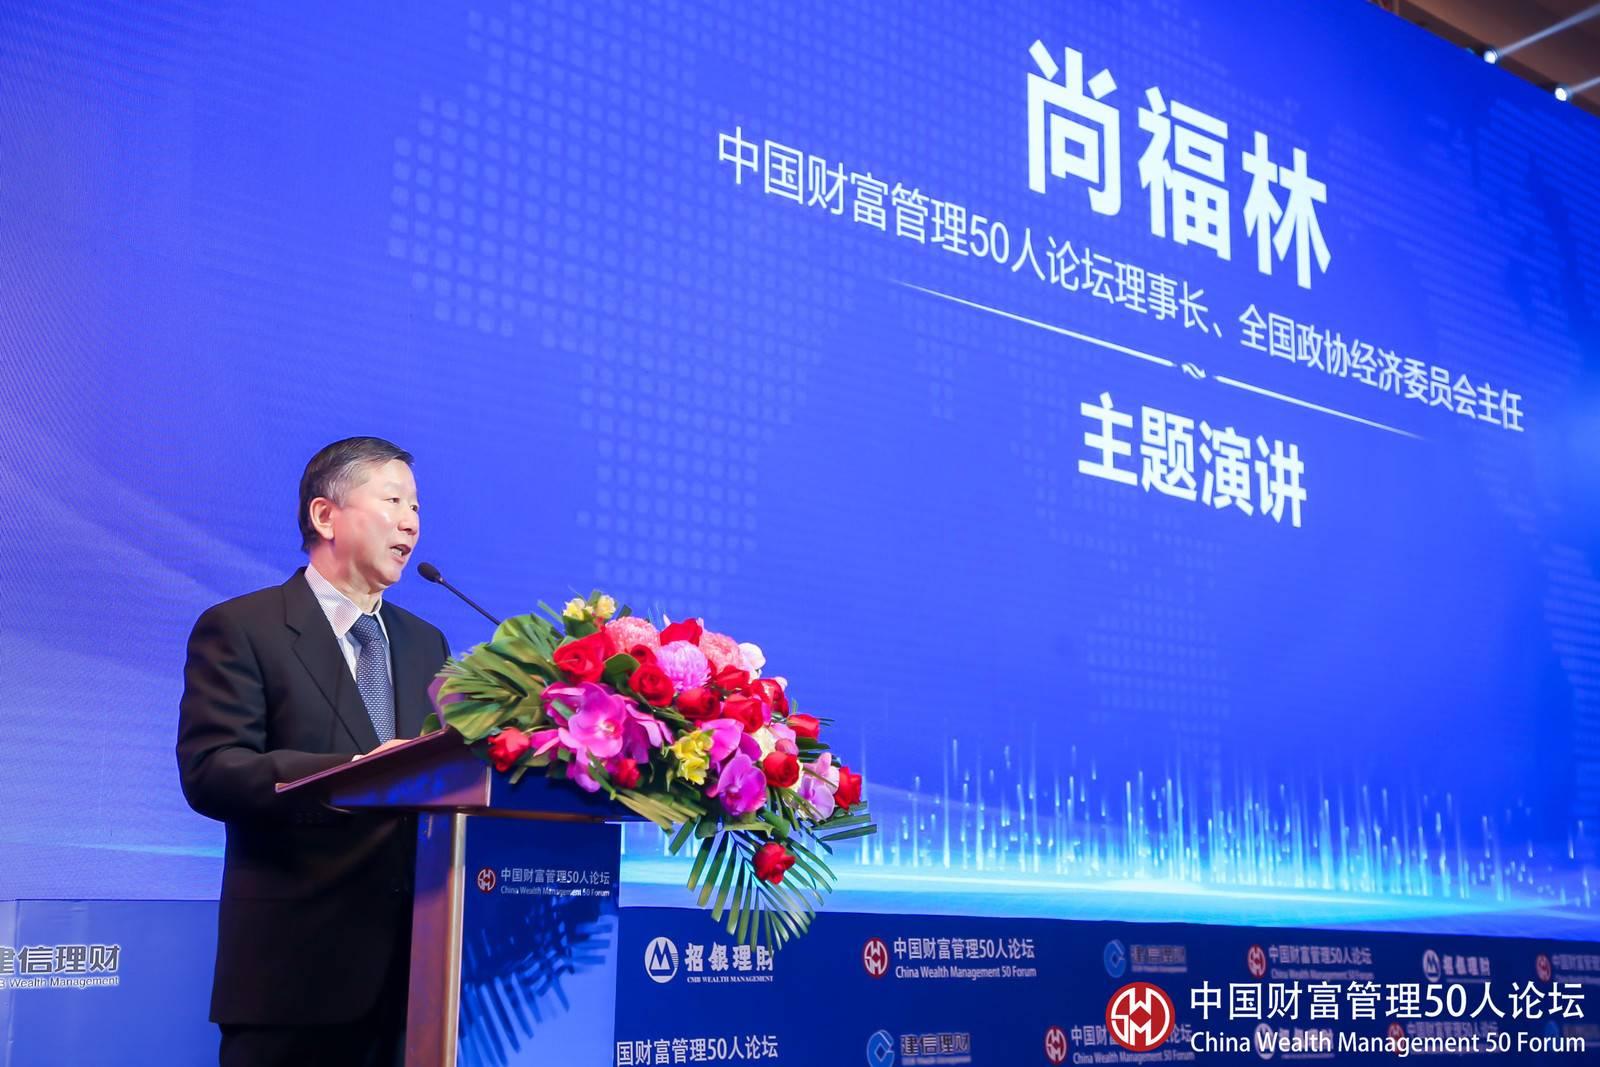 全国政协经济委员会主任尚福林:加强资本市场基础体系建设,完善债券市场体制机制